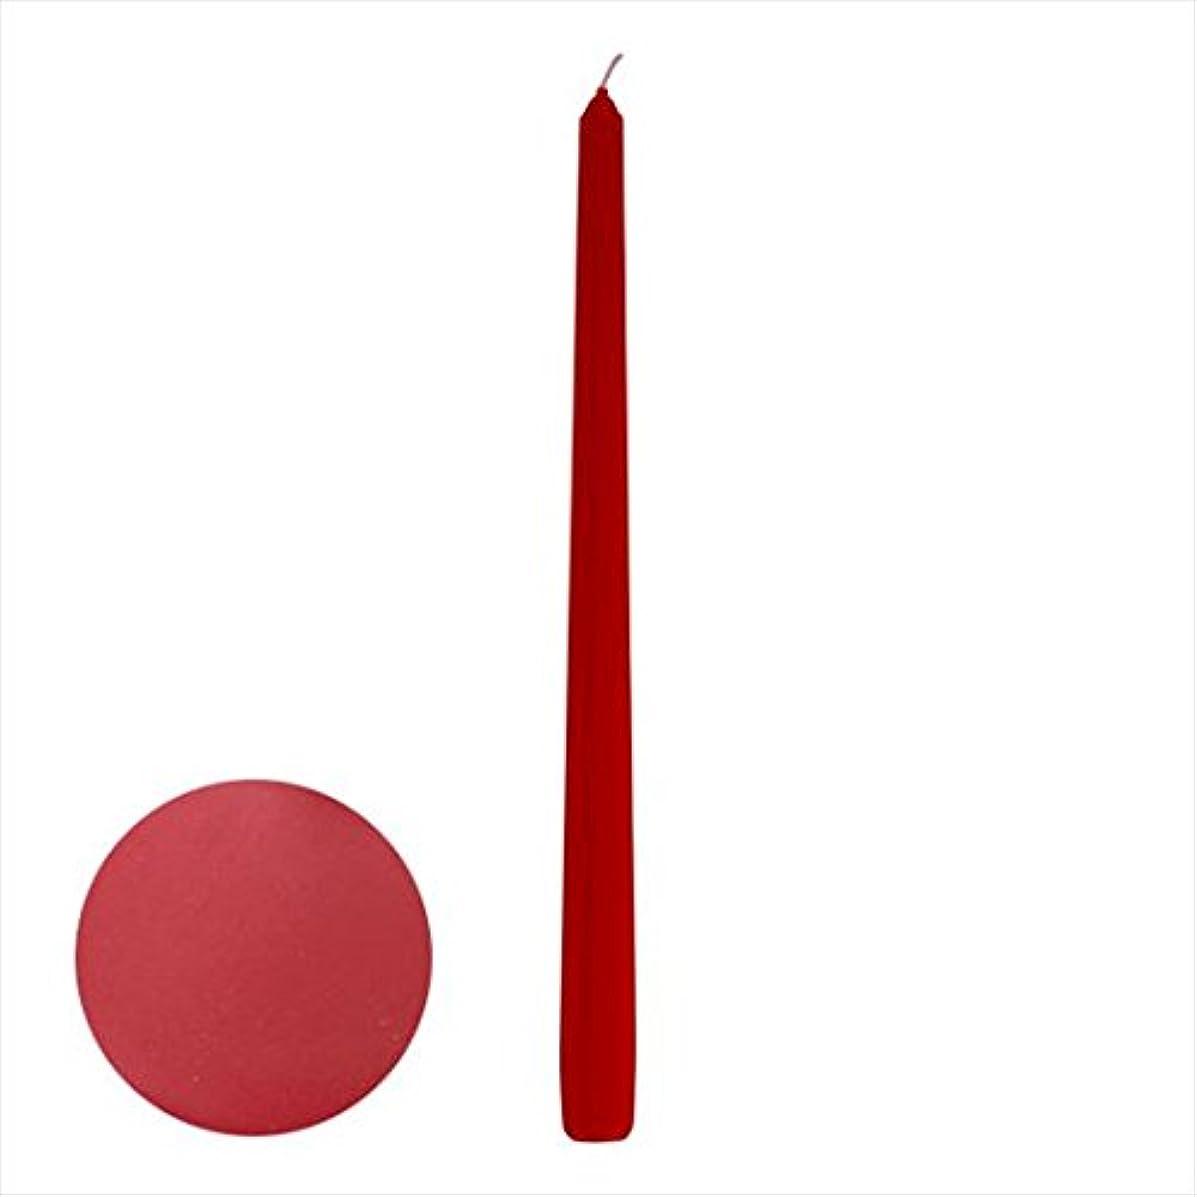 ラフ睡眠解き明かすメカニックカメヤマキャンドル(kameyama candle) 12インチテーパー 「 ダークレッド 」 12本入り